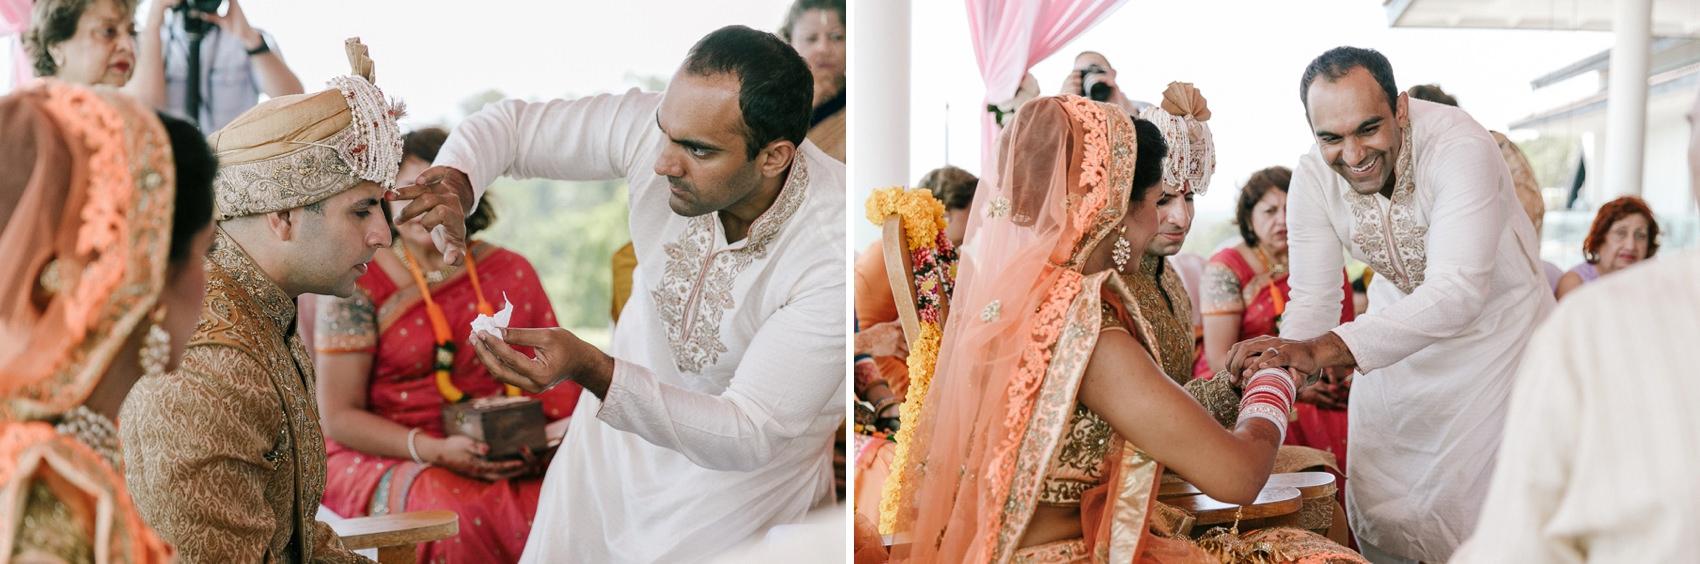 Indian-Wedding-Photography-Maala-Rohan_0223